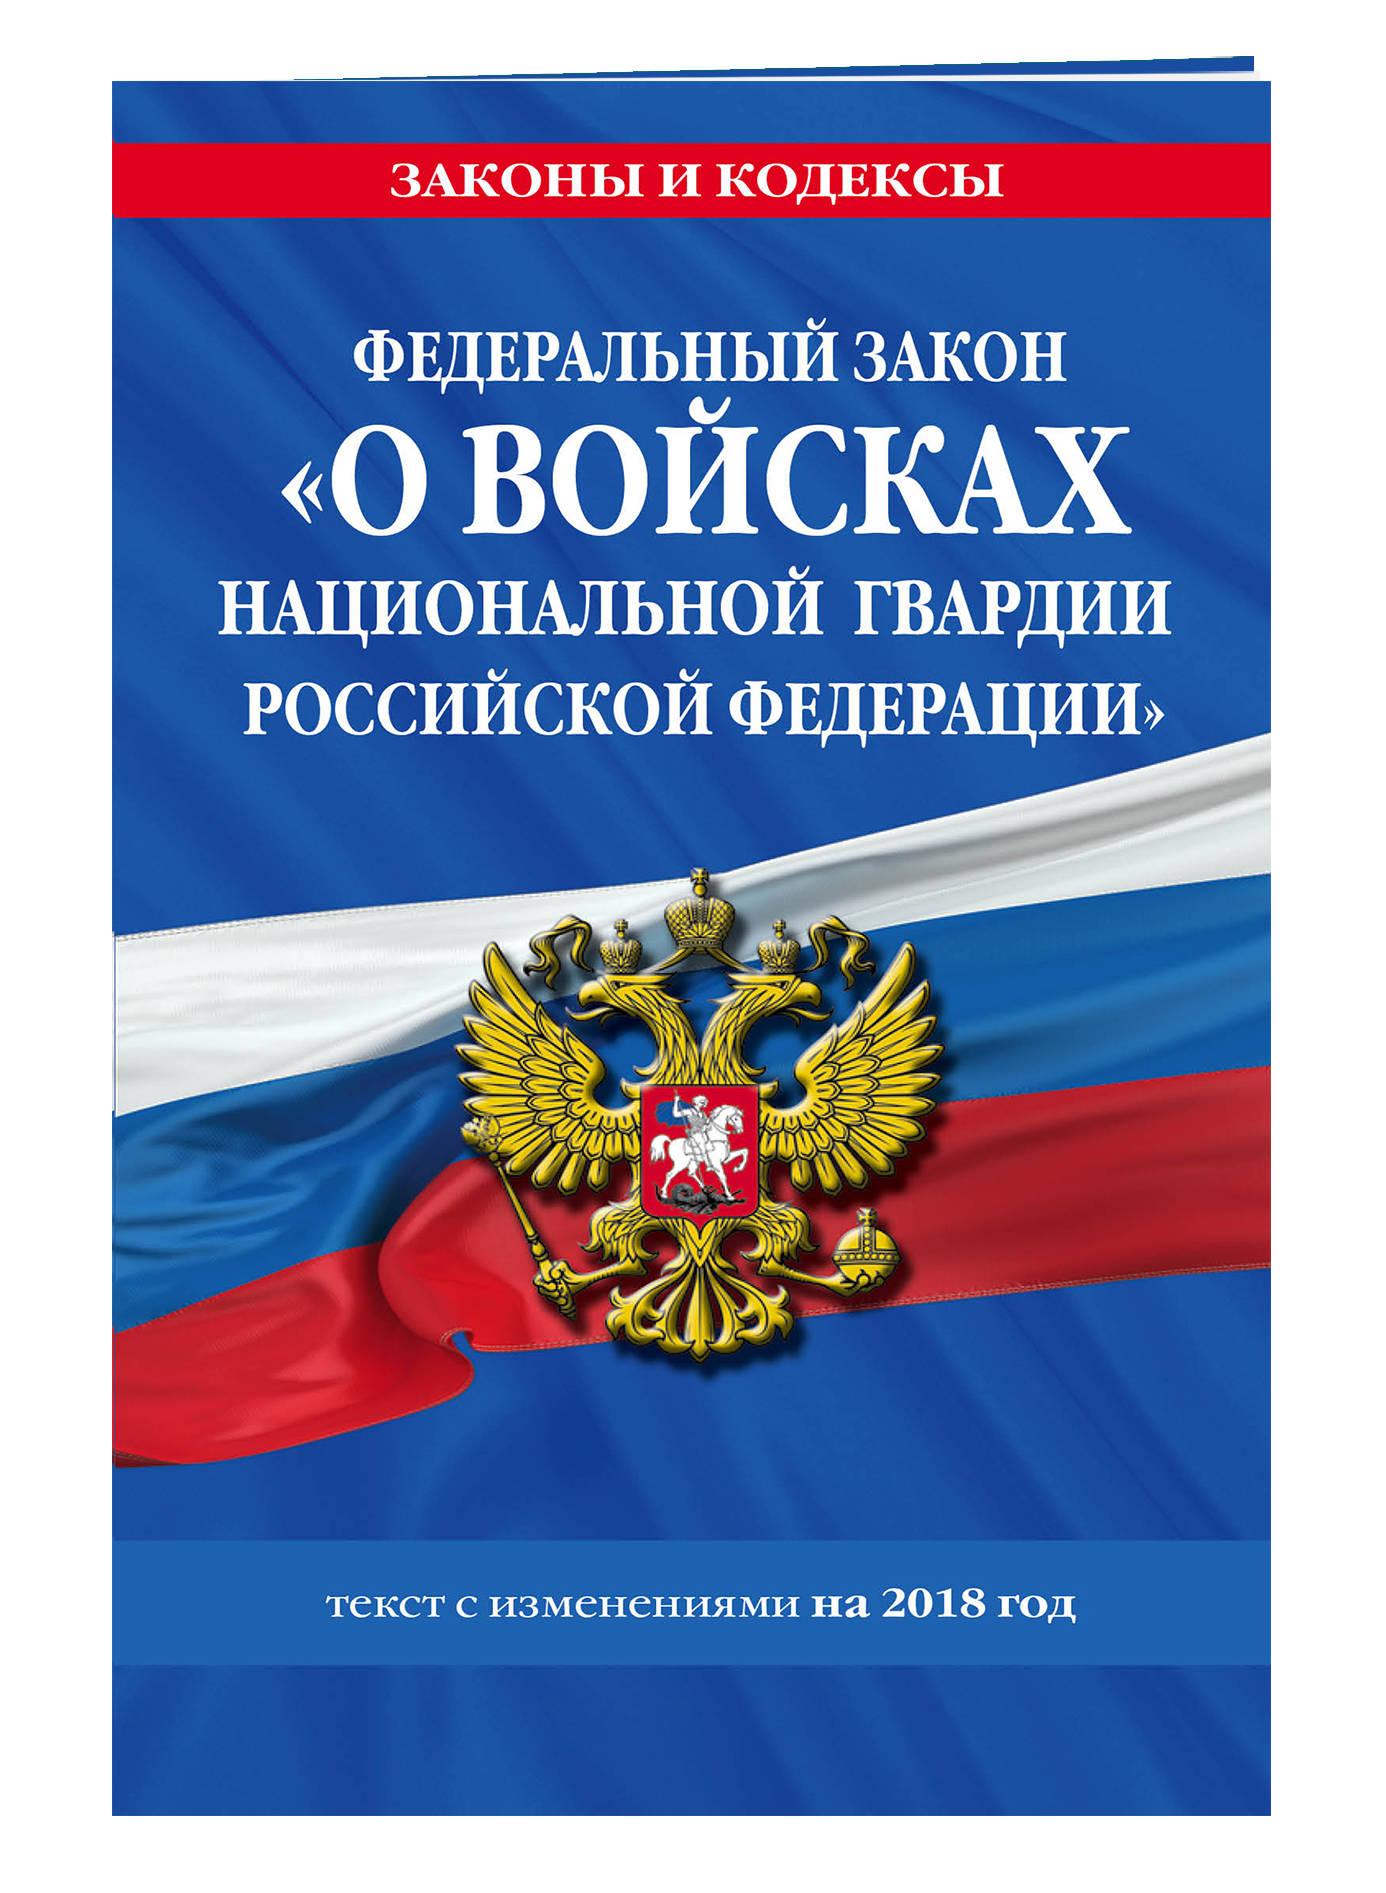 9785040925995 - Федеральный закон «О войсках национальной гвардии Российской Федерации»: текст с изменениями на 2018 год - Книга